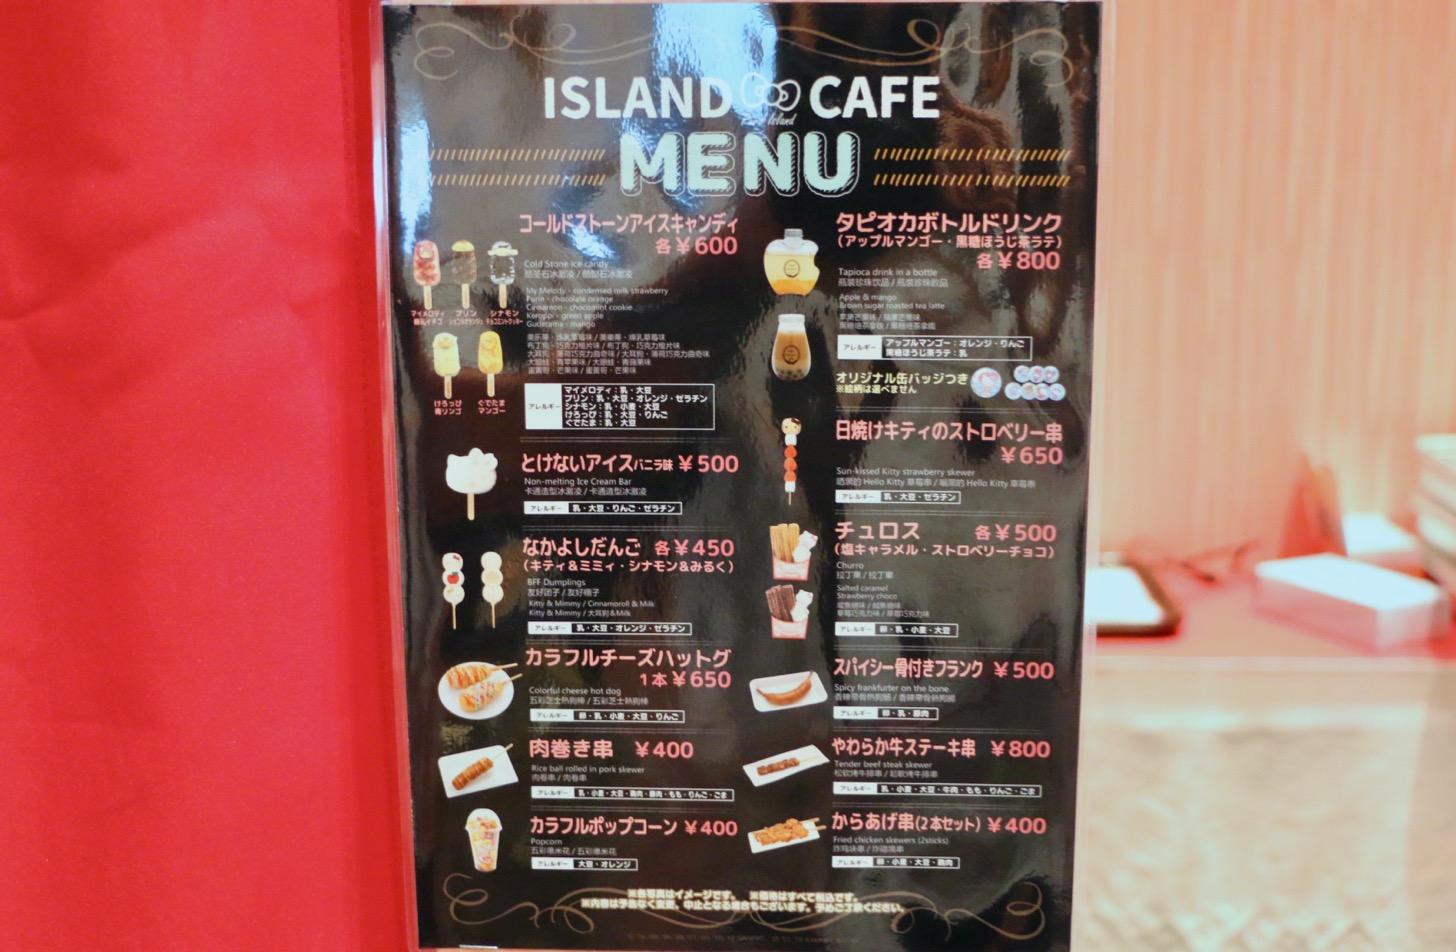 アイランドカフェのメニュー